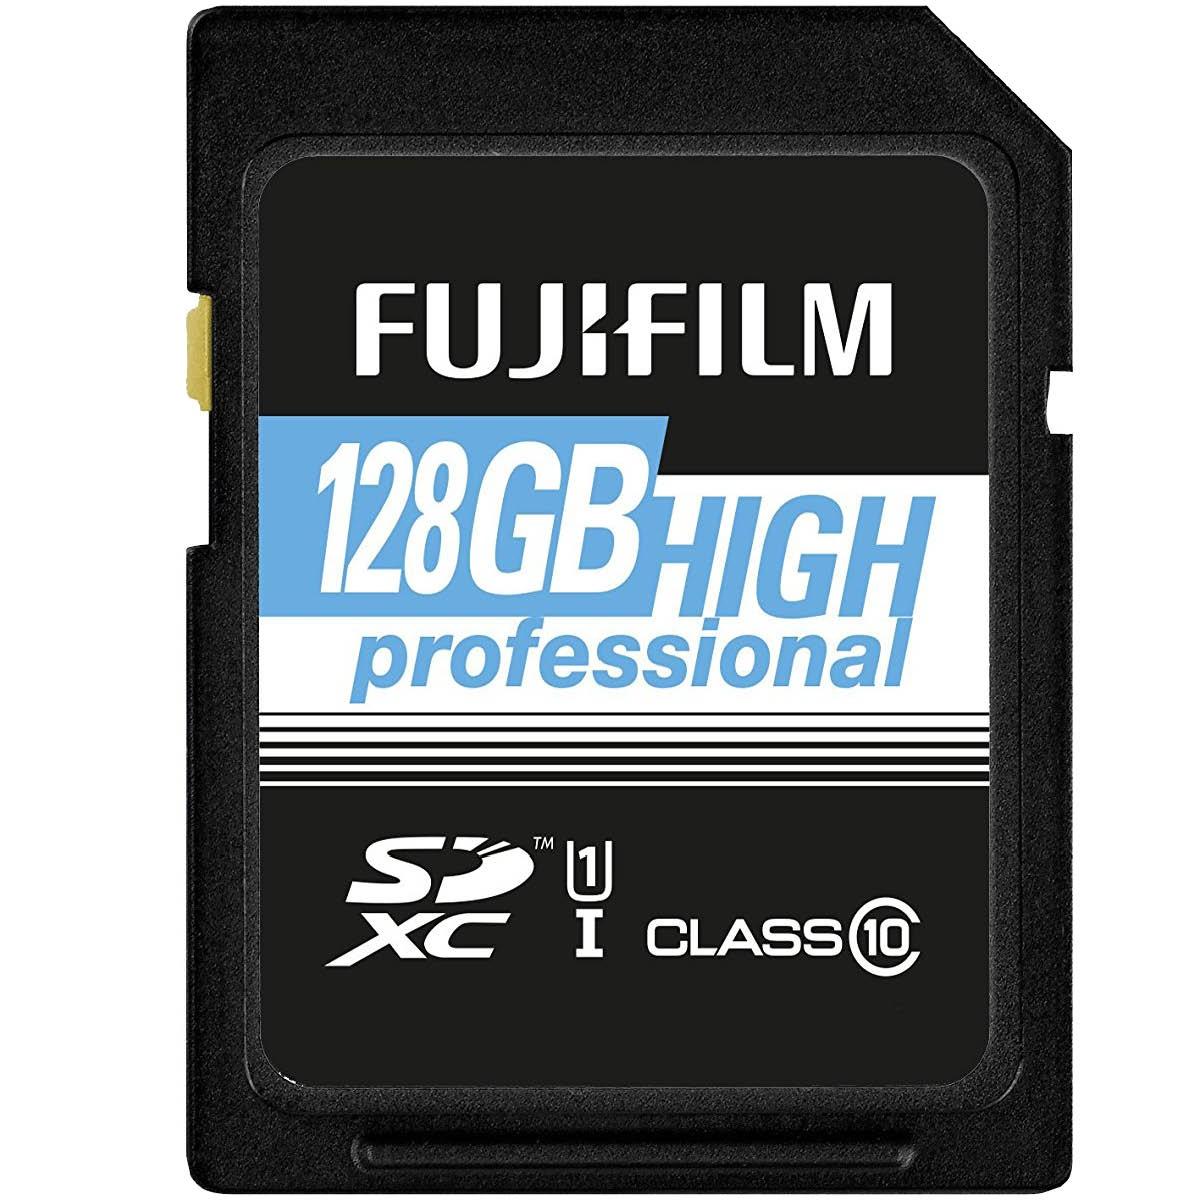 Fujifilm 128GB SDXC Professional 95MB/S